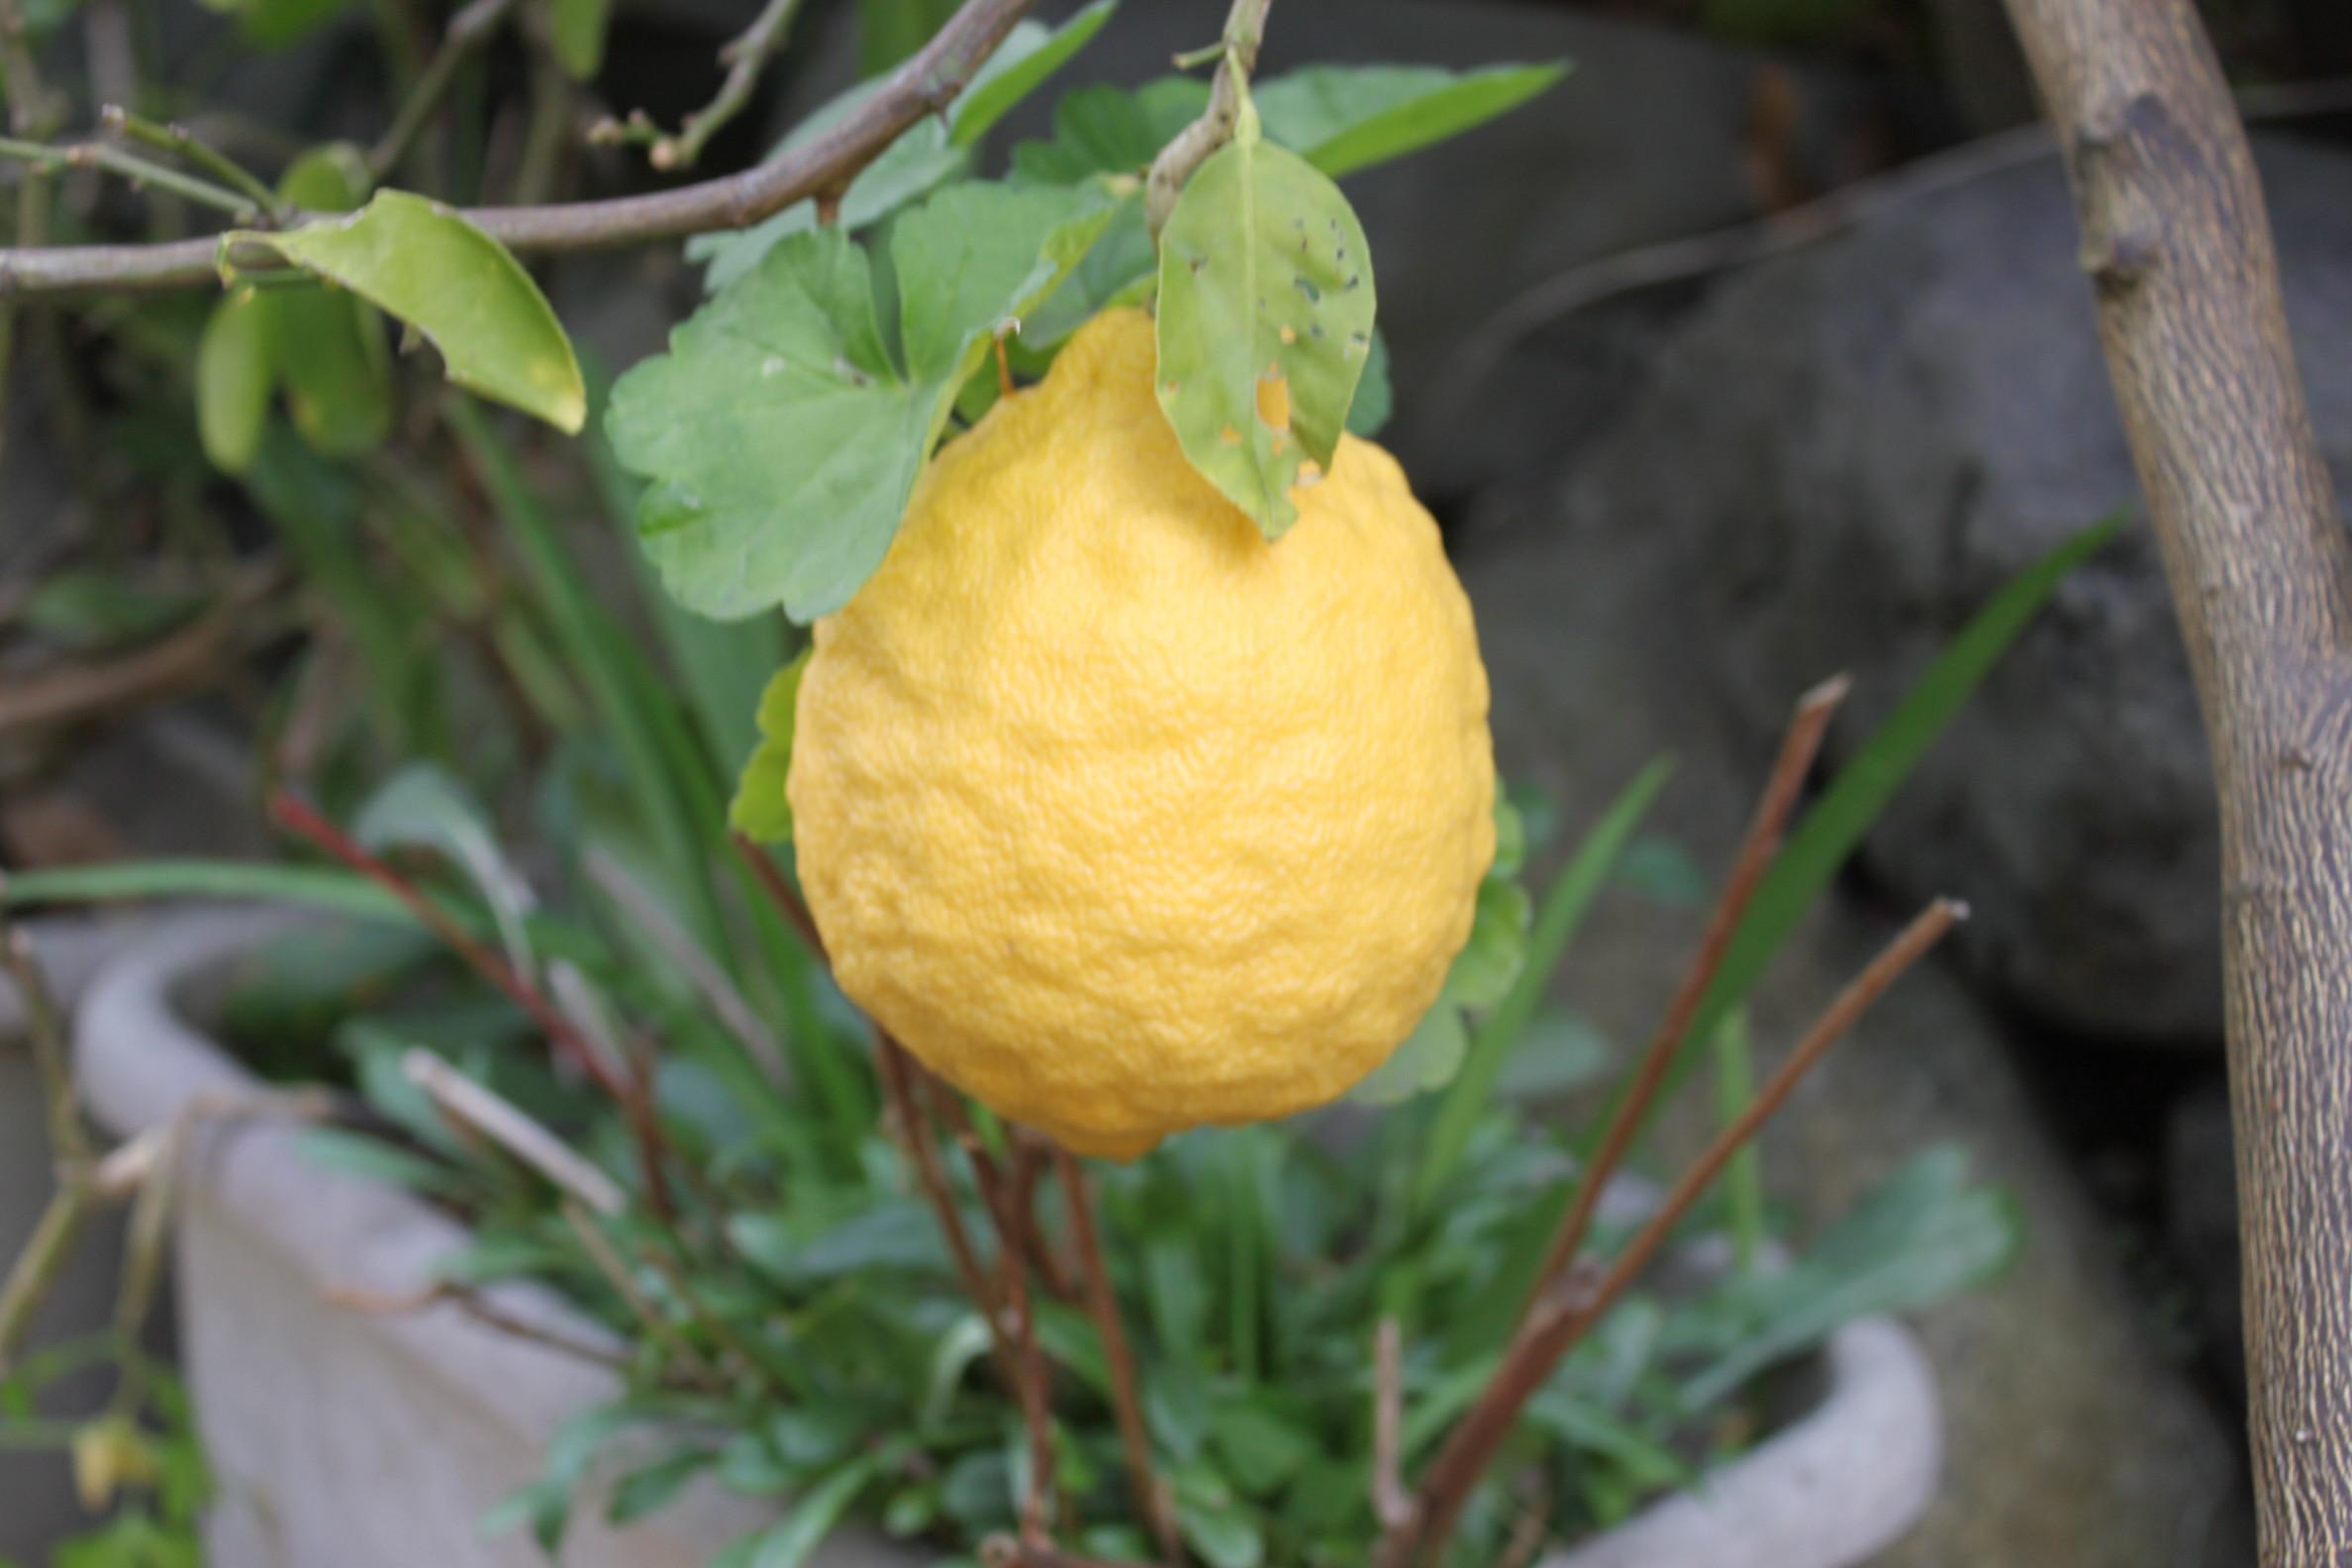 黄色い実を発見!